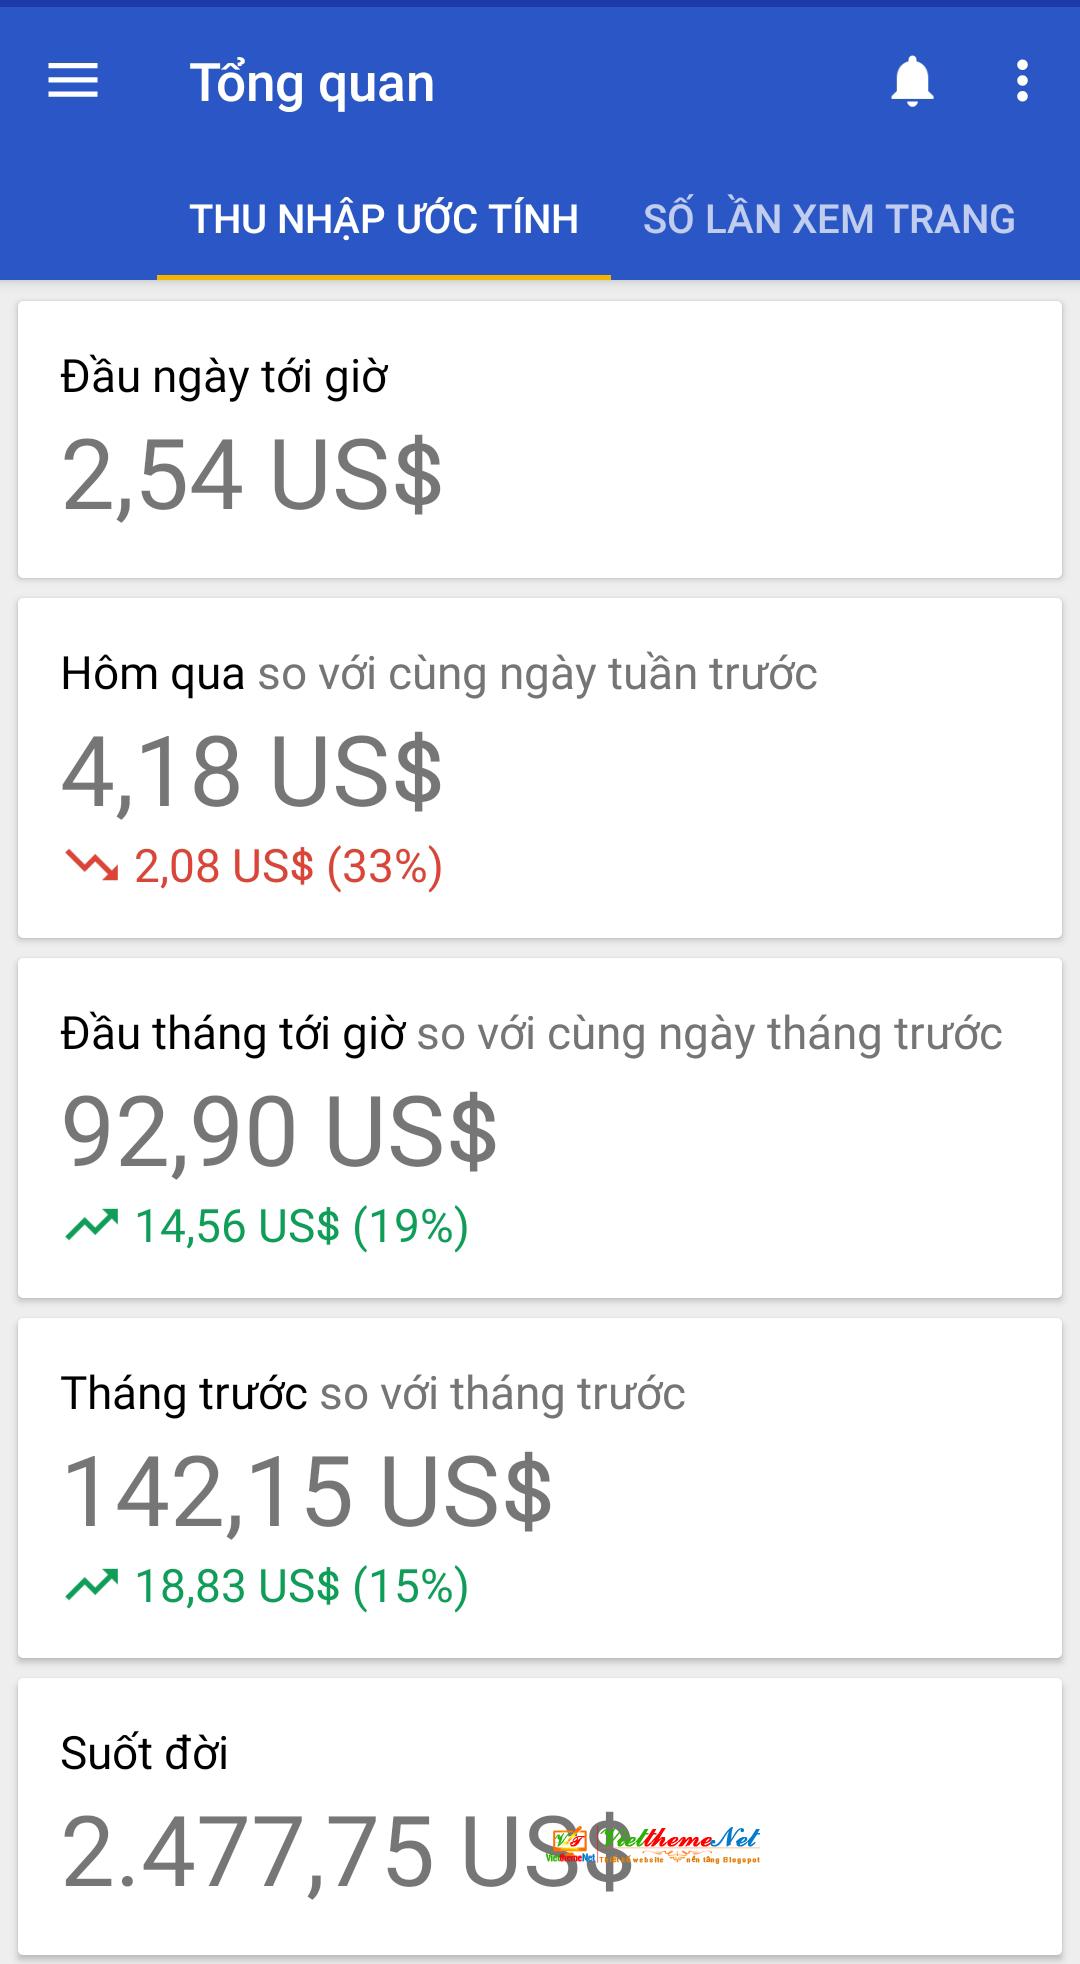 Khoản thu nhập đến từ quảng cáo Google Adsense